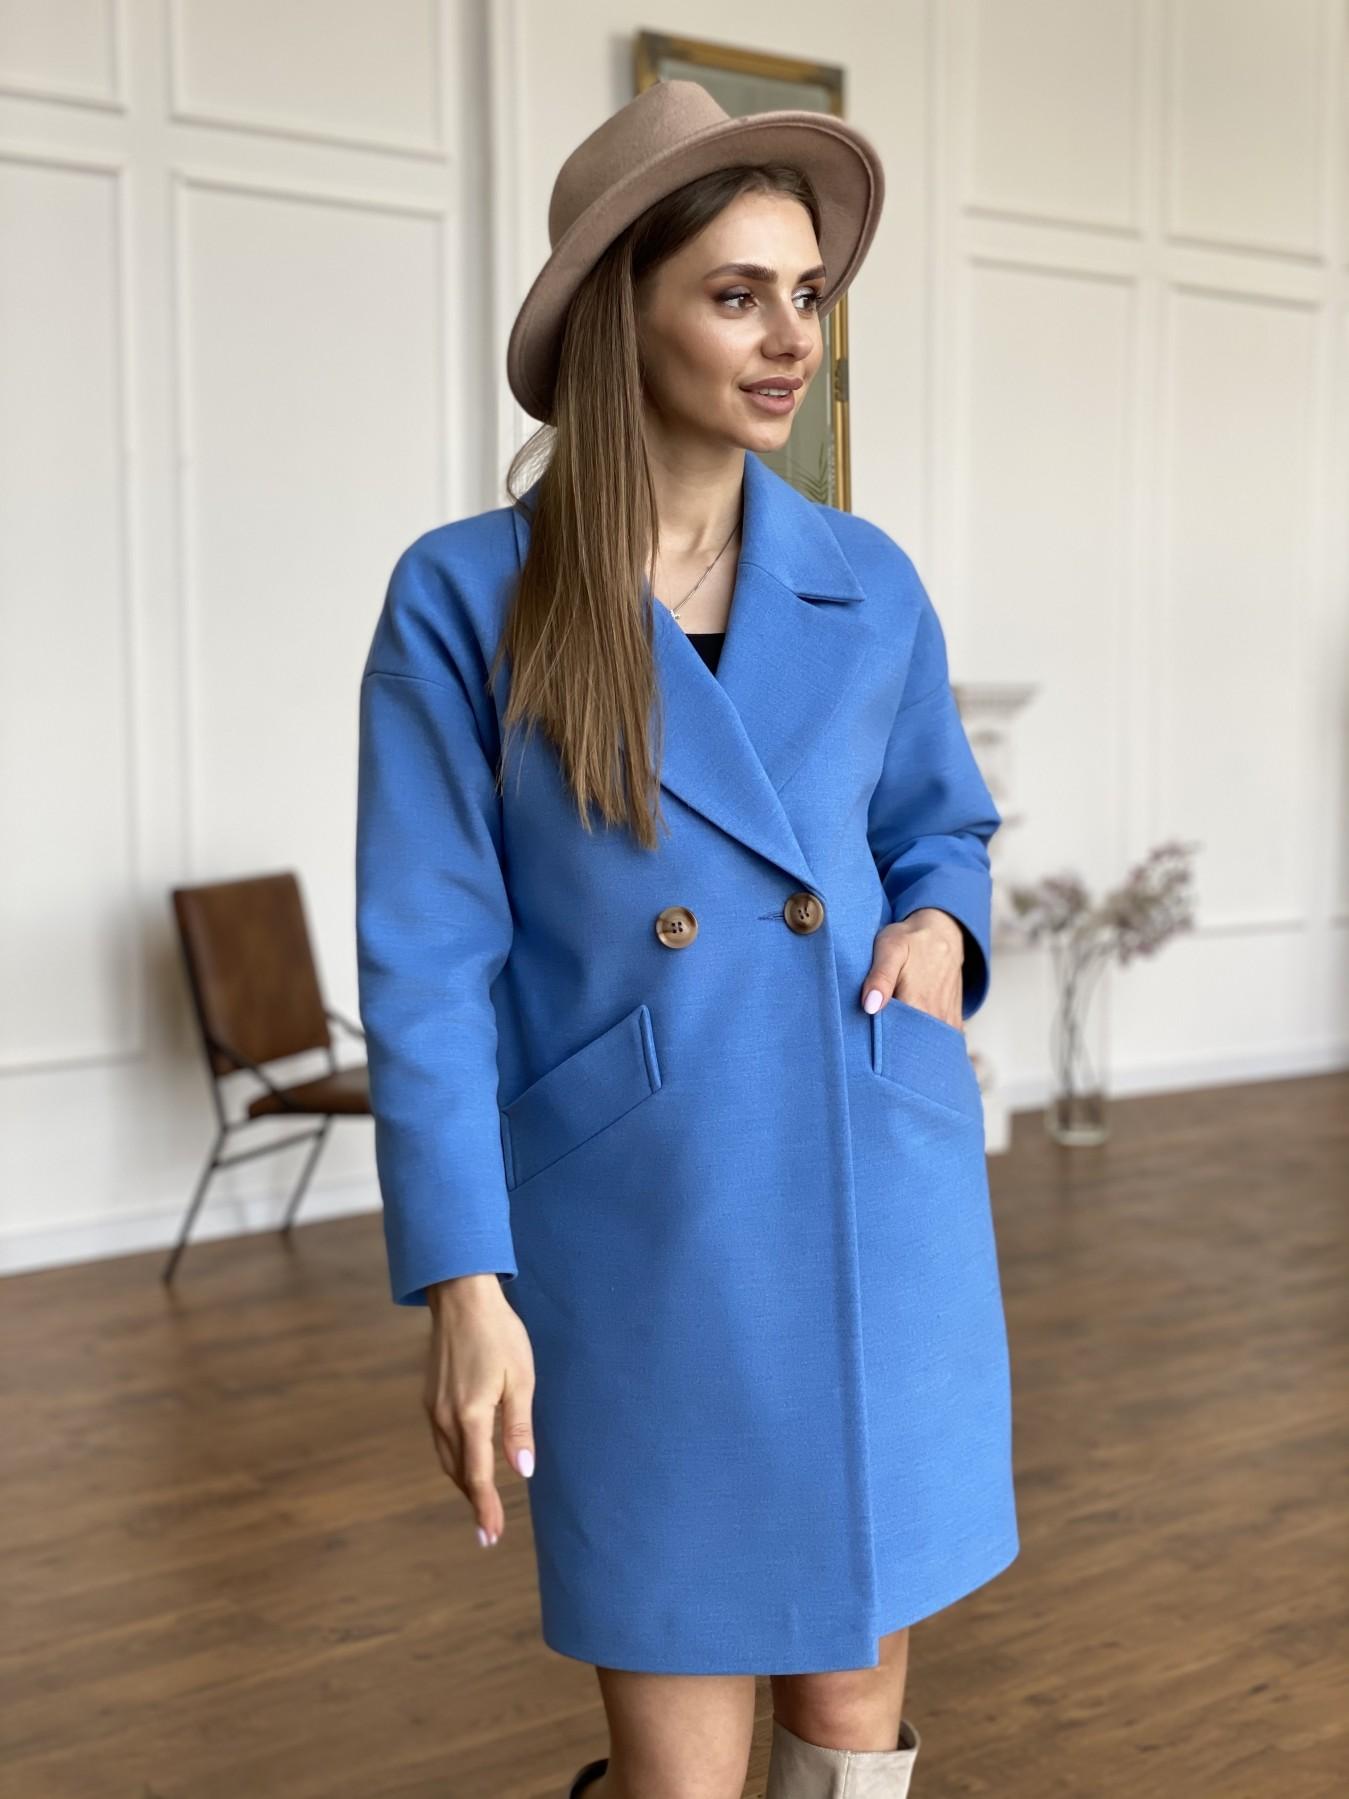 Сенсей пальто из кашемира 10572 АРТ. 47572 Цвет: Голубой - фото 7, интернет магазин tm-modus.ru